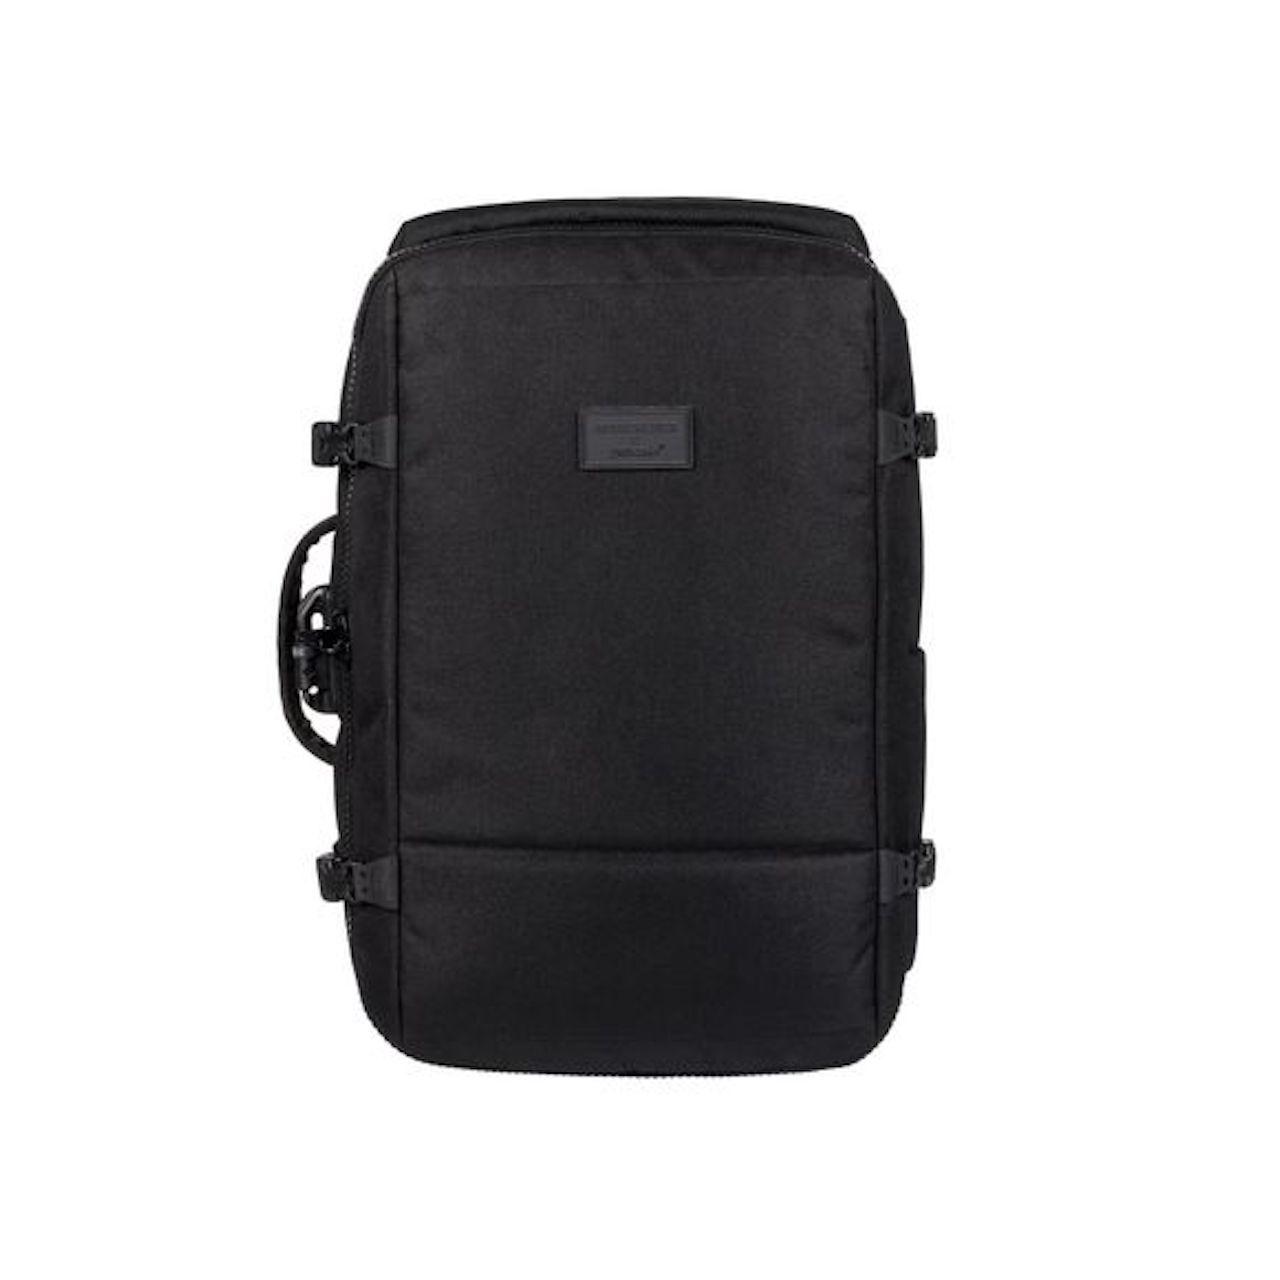 Рюкзак Pacsafe Quiksilver X40L, цвет: черный, 40 л, черный рюкзак мужской quiksilver everydaypostemb m eqybp03501 bng0 королевский синий